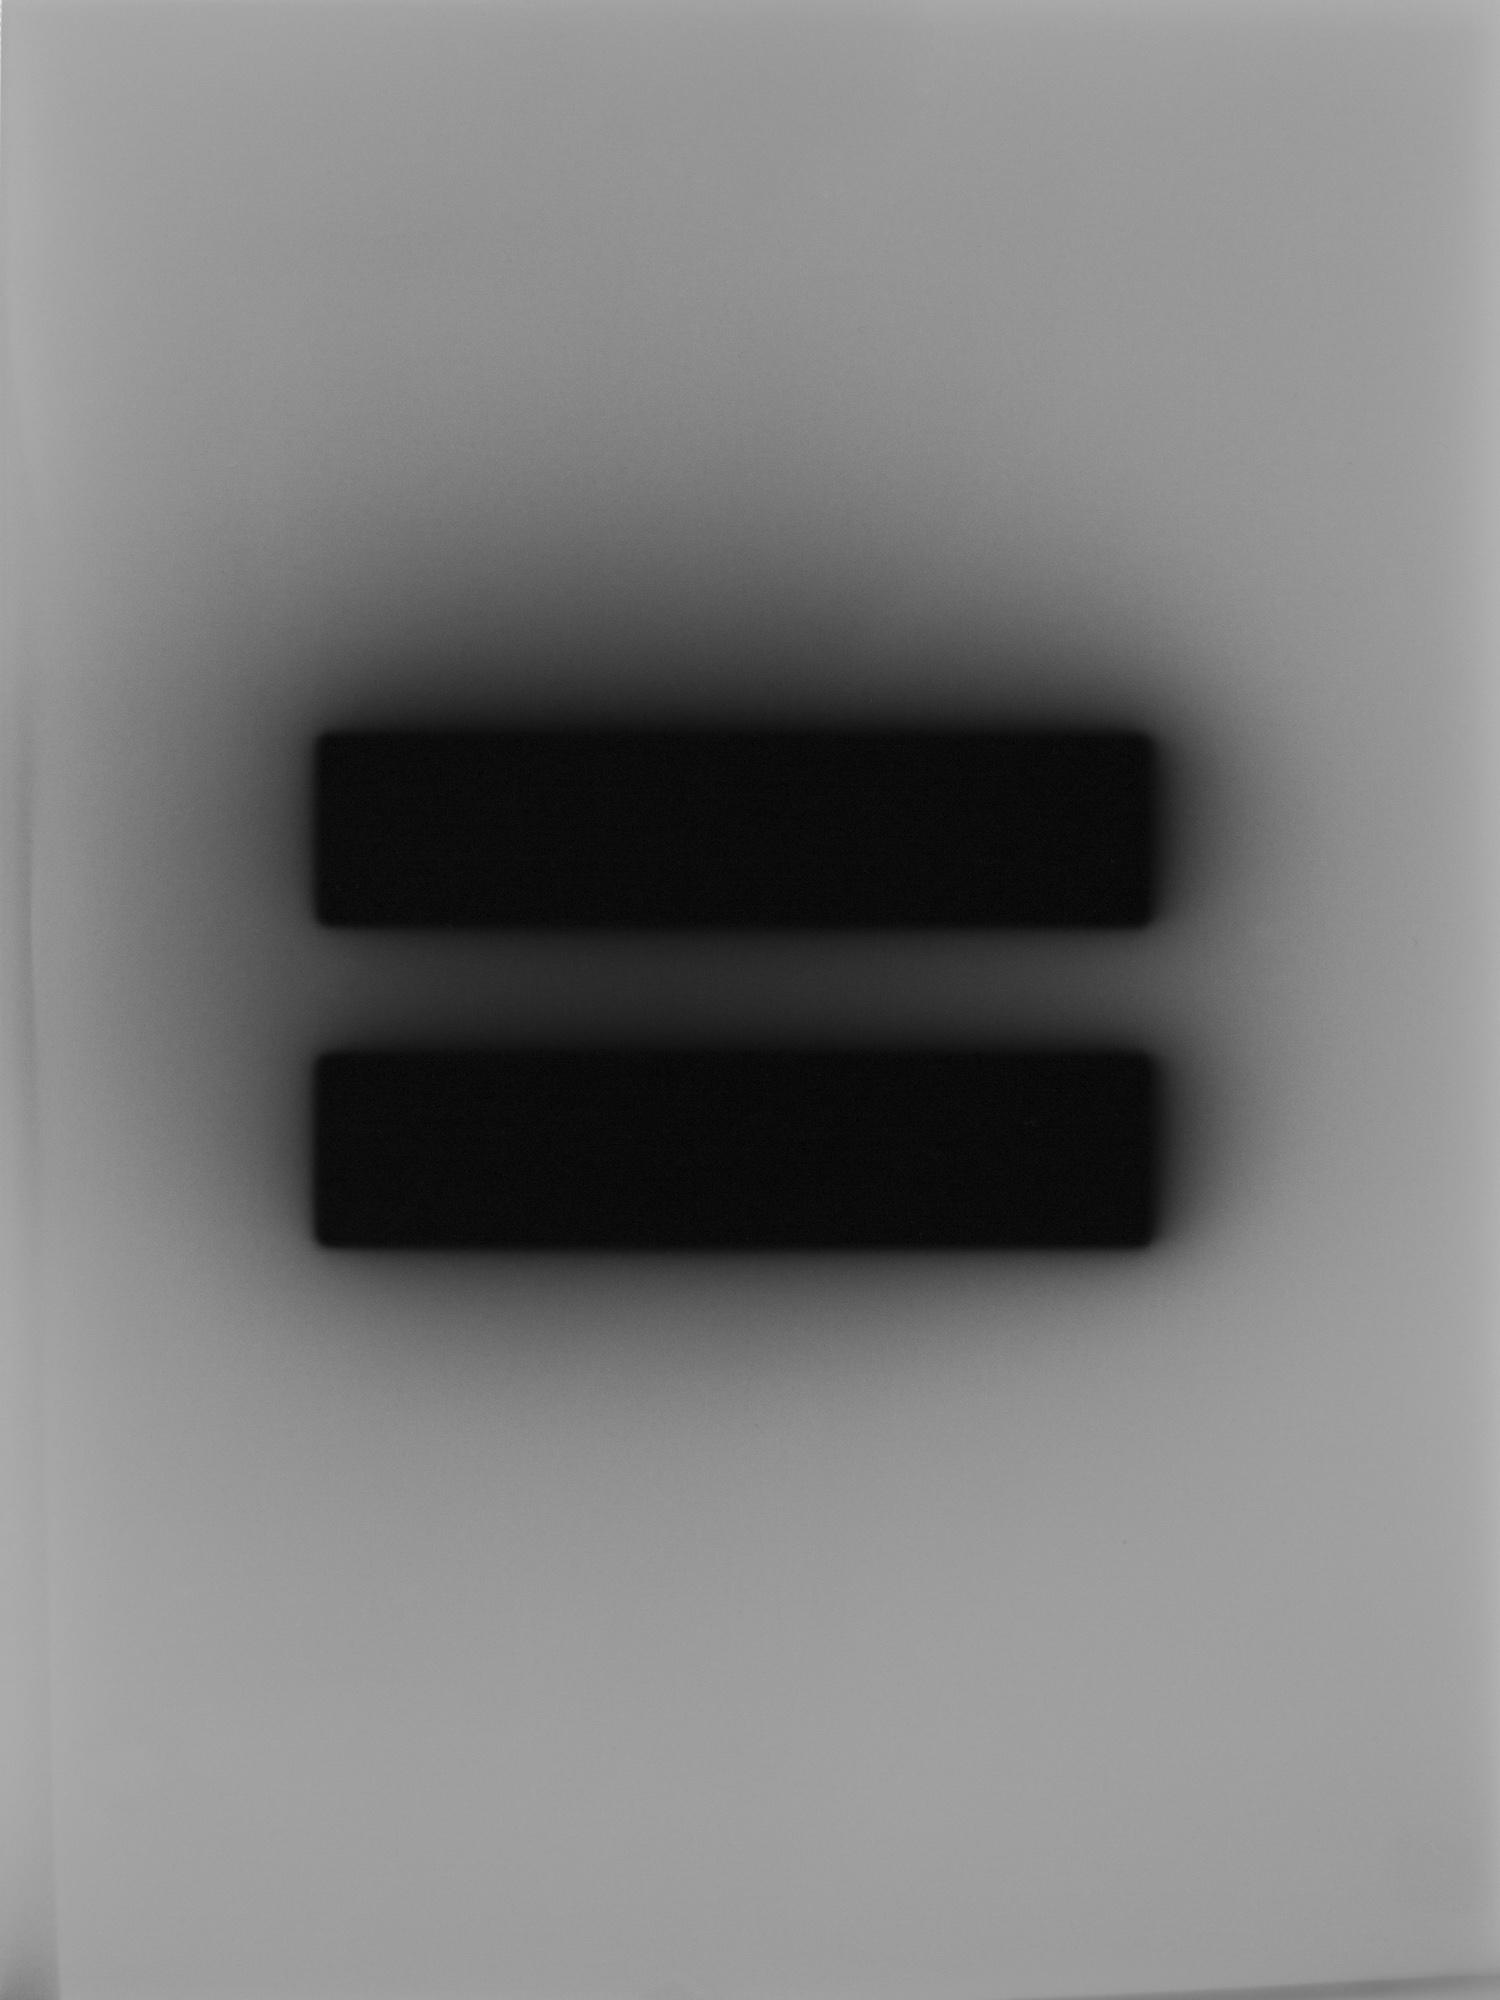 RRodner-Equal sign.jpg